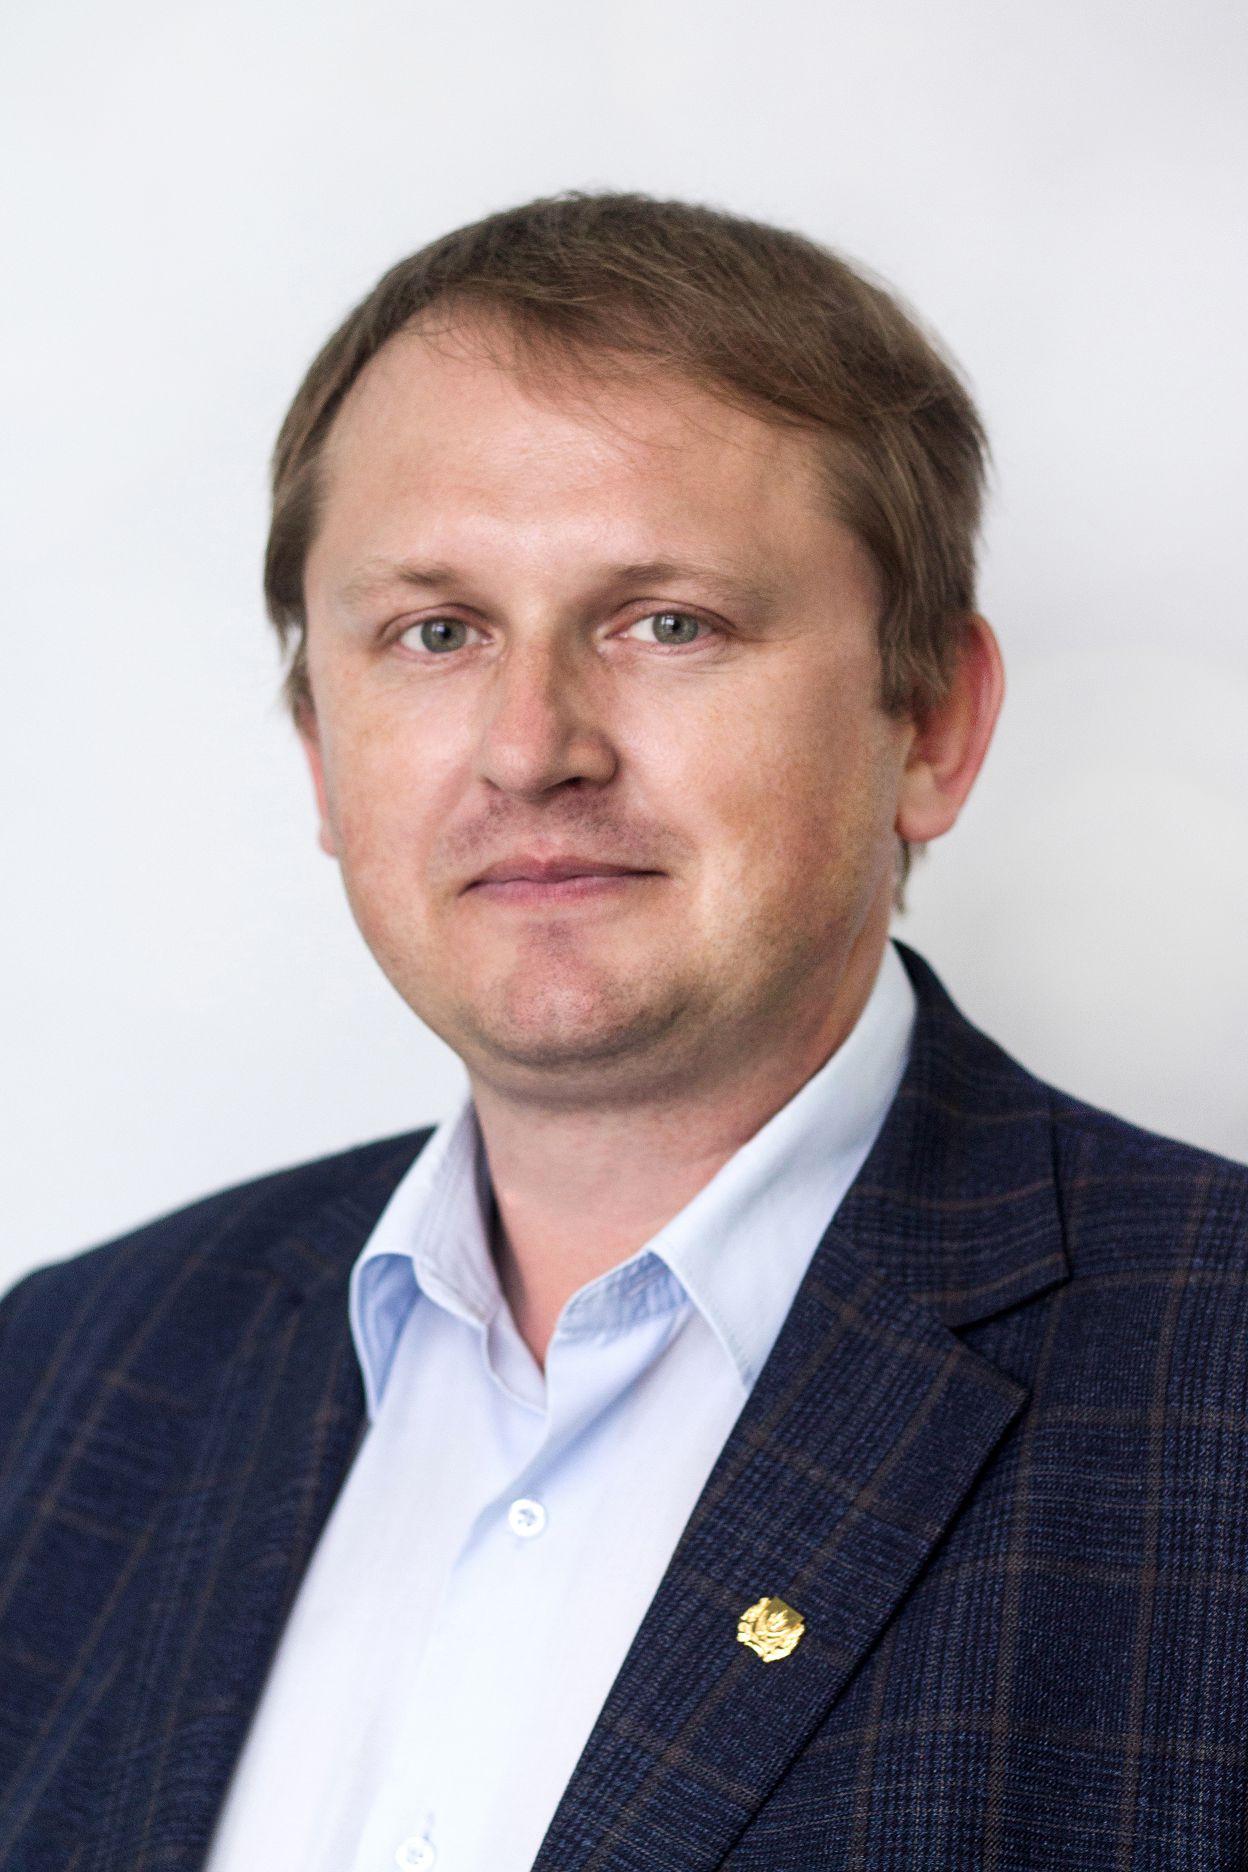 Коласаў Аляксандр Уладзіміравіч